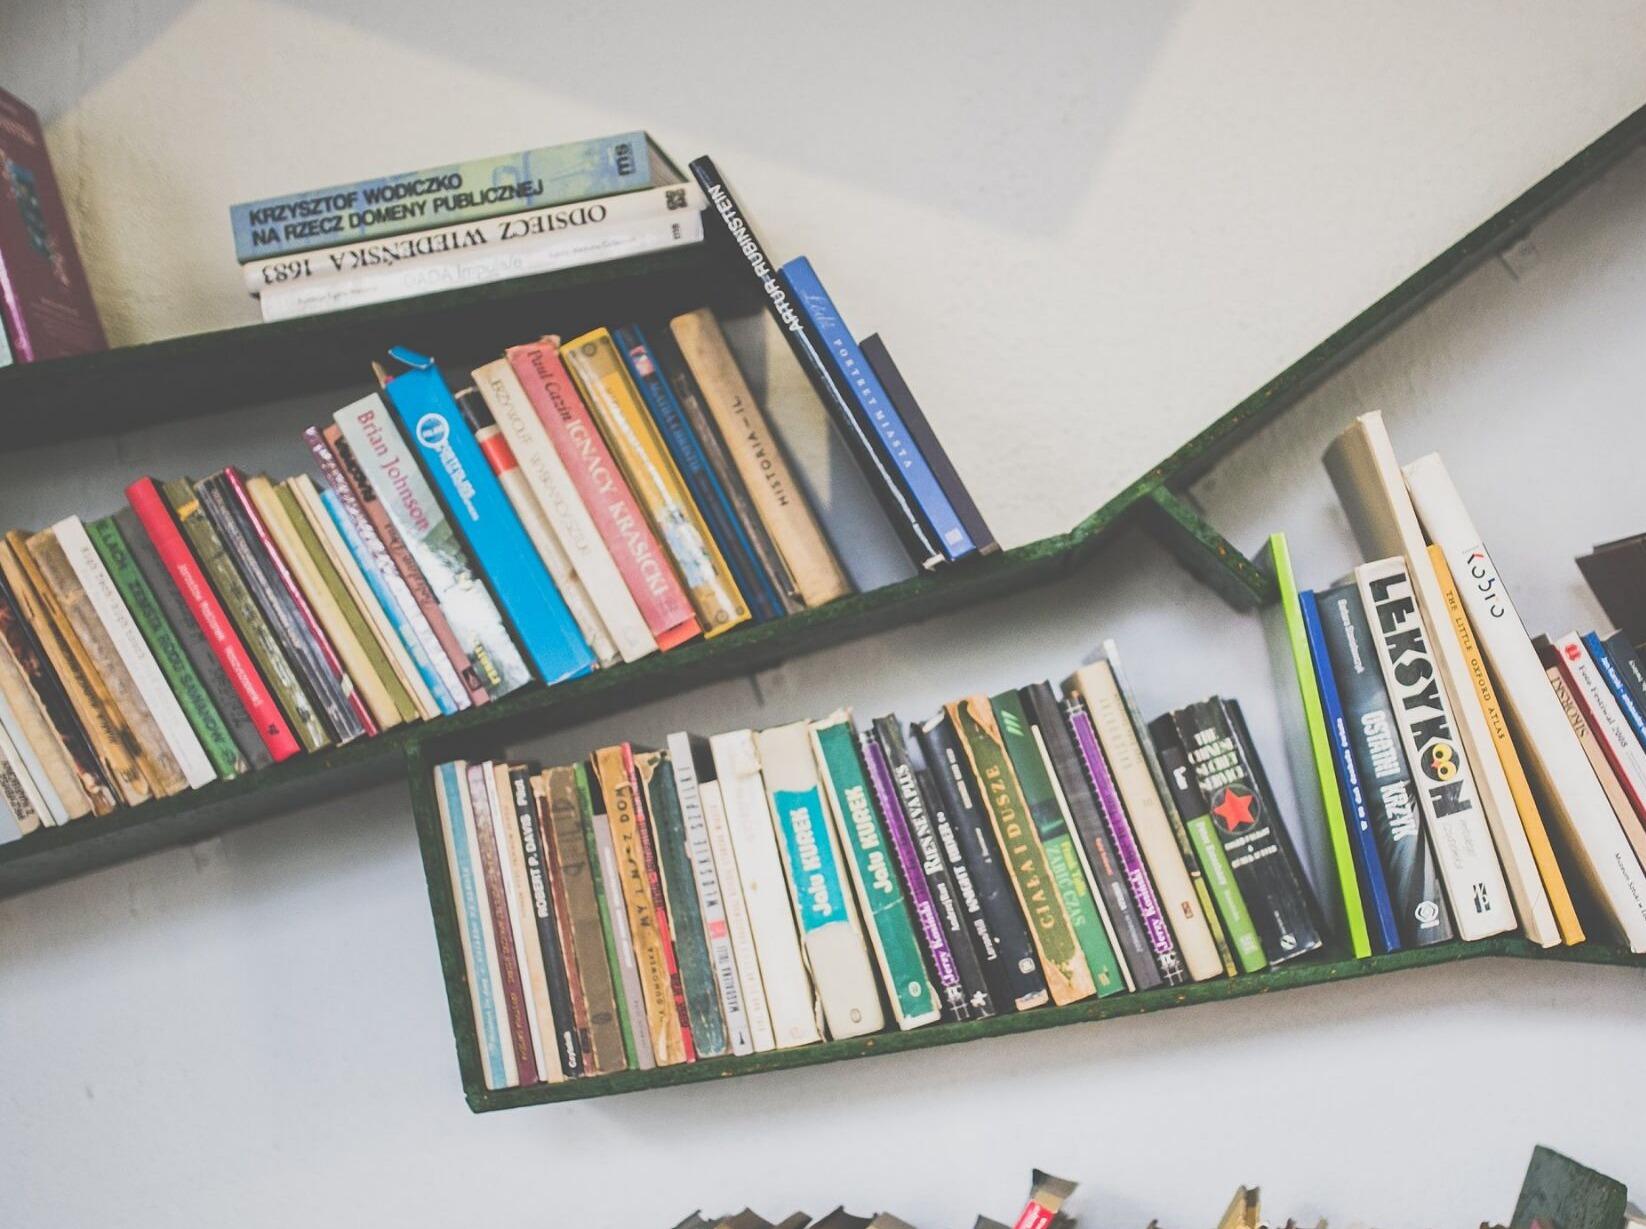 重庆芸帙读书会第5次线下读书分享会